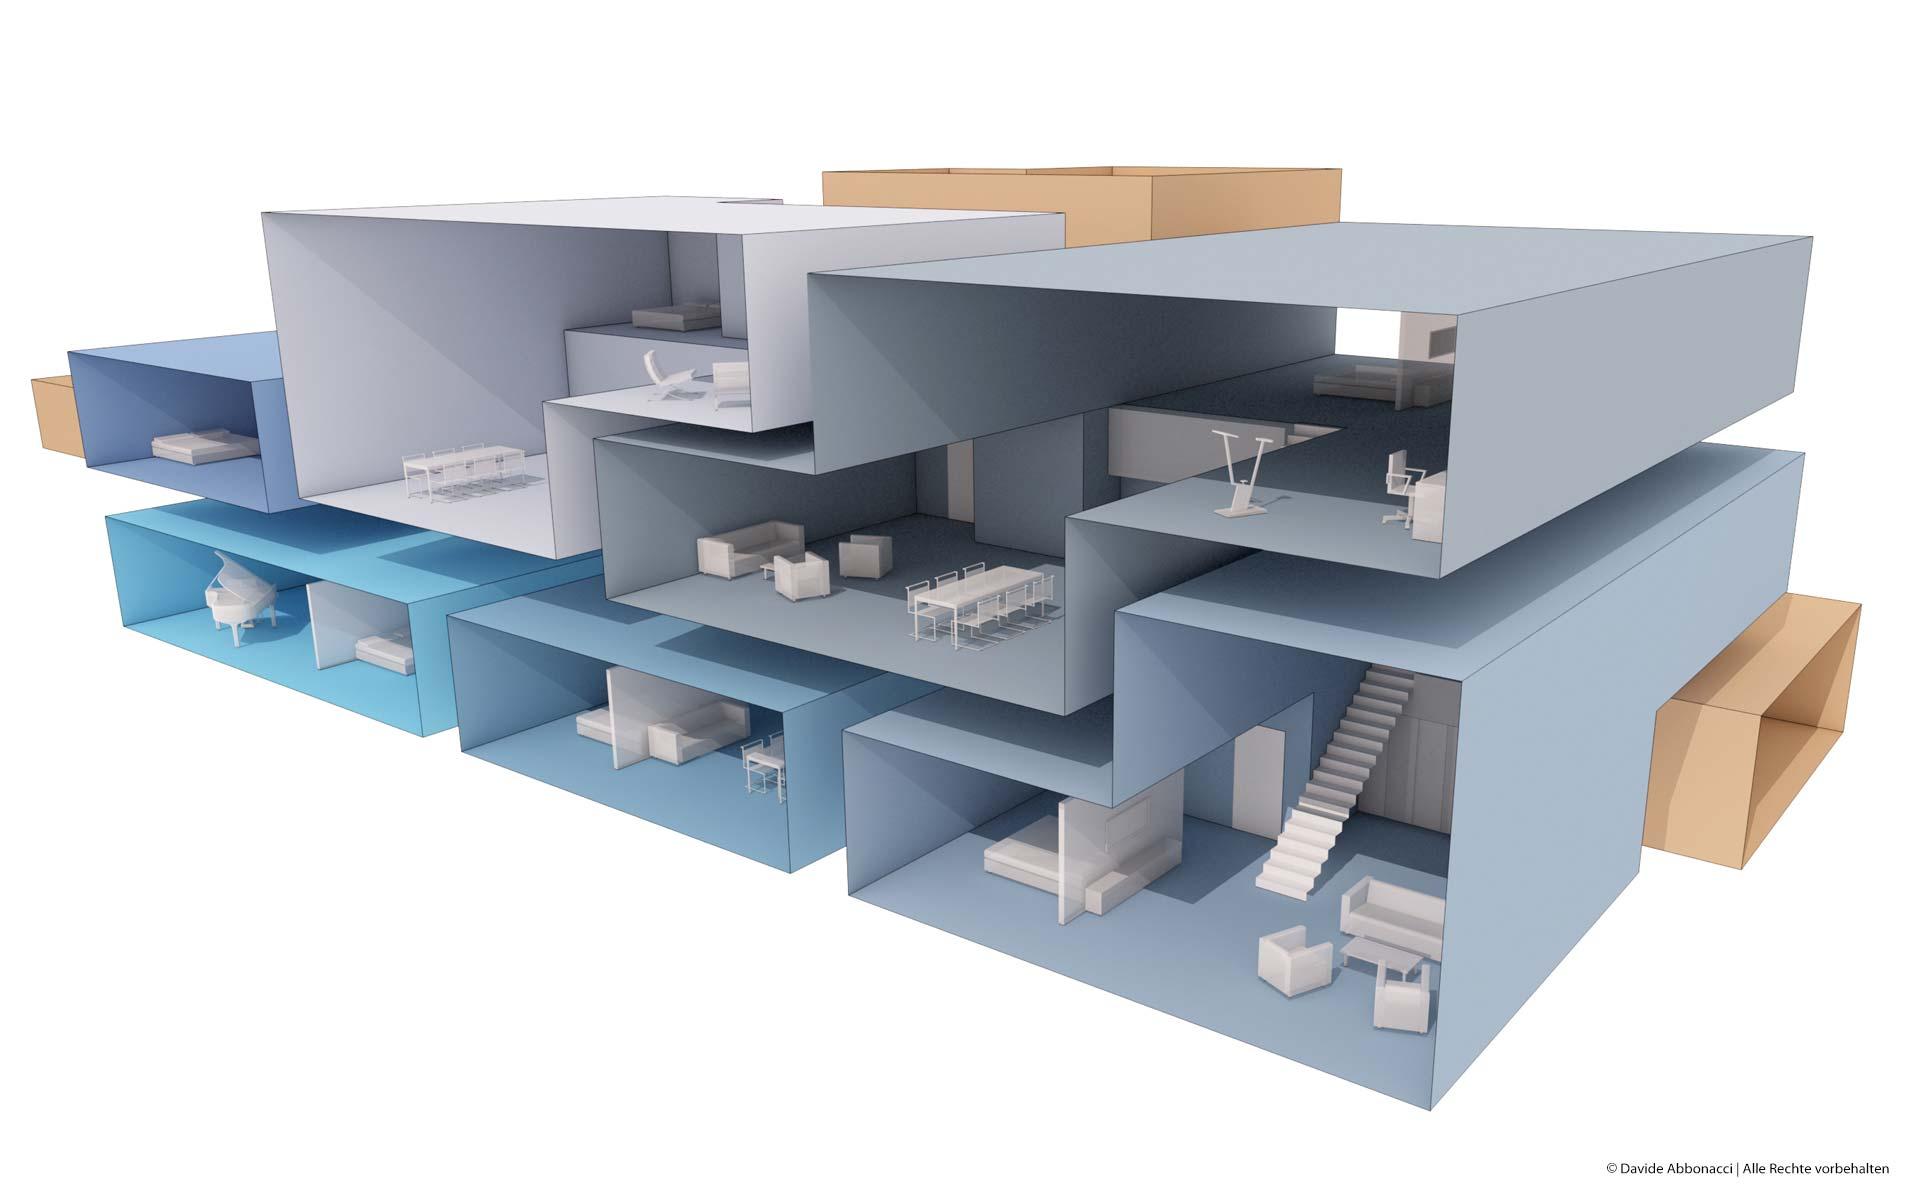 Speicherstadt Hamburg | Christine Edmaier Architektin | 2012 Wettbewerbsvisualisierung | Anerkennung